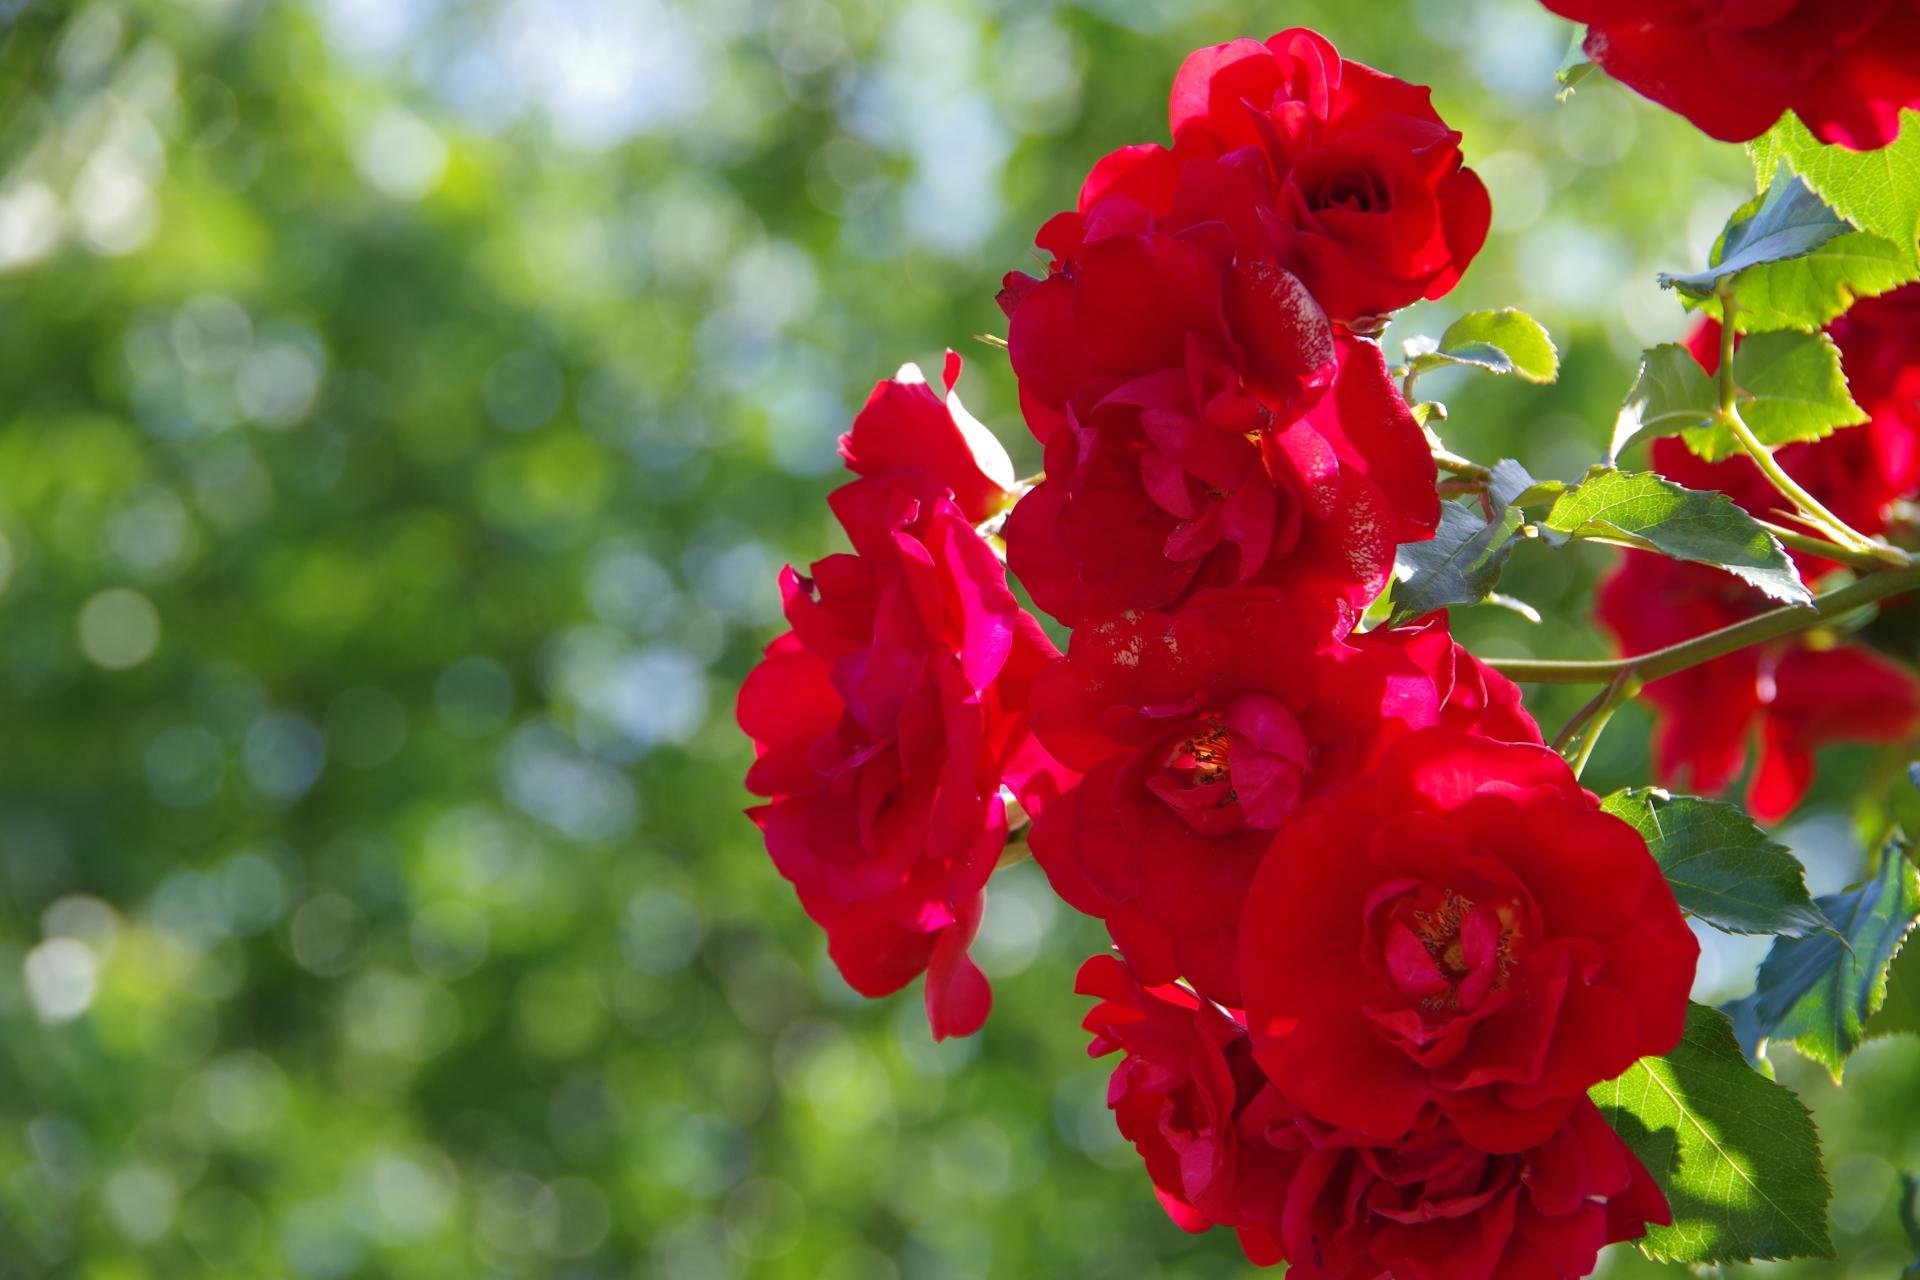 ガーデン用品屋さんの花図鑑 バラ